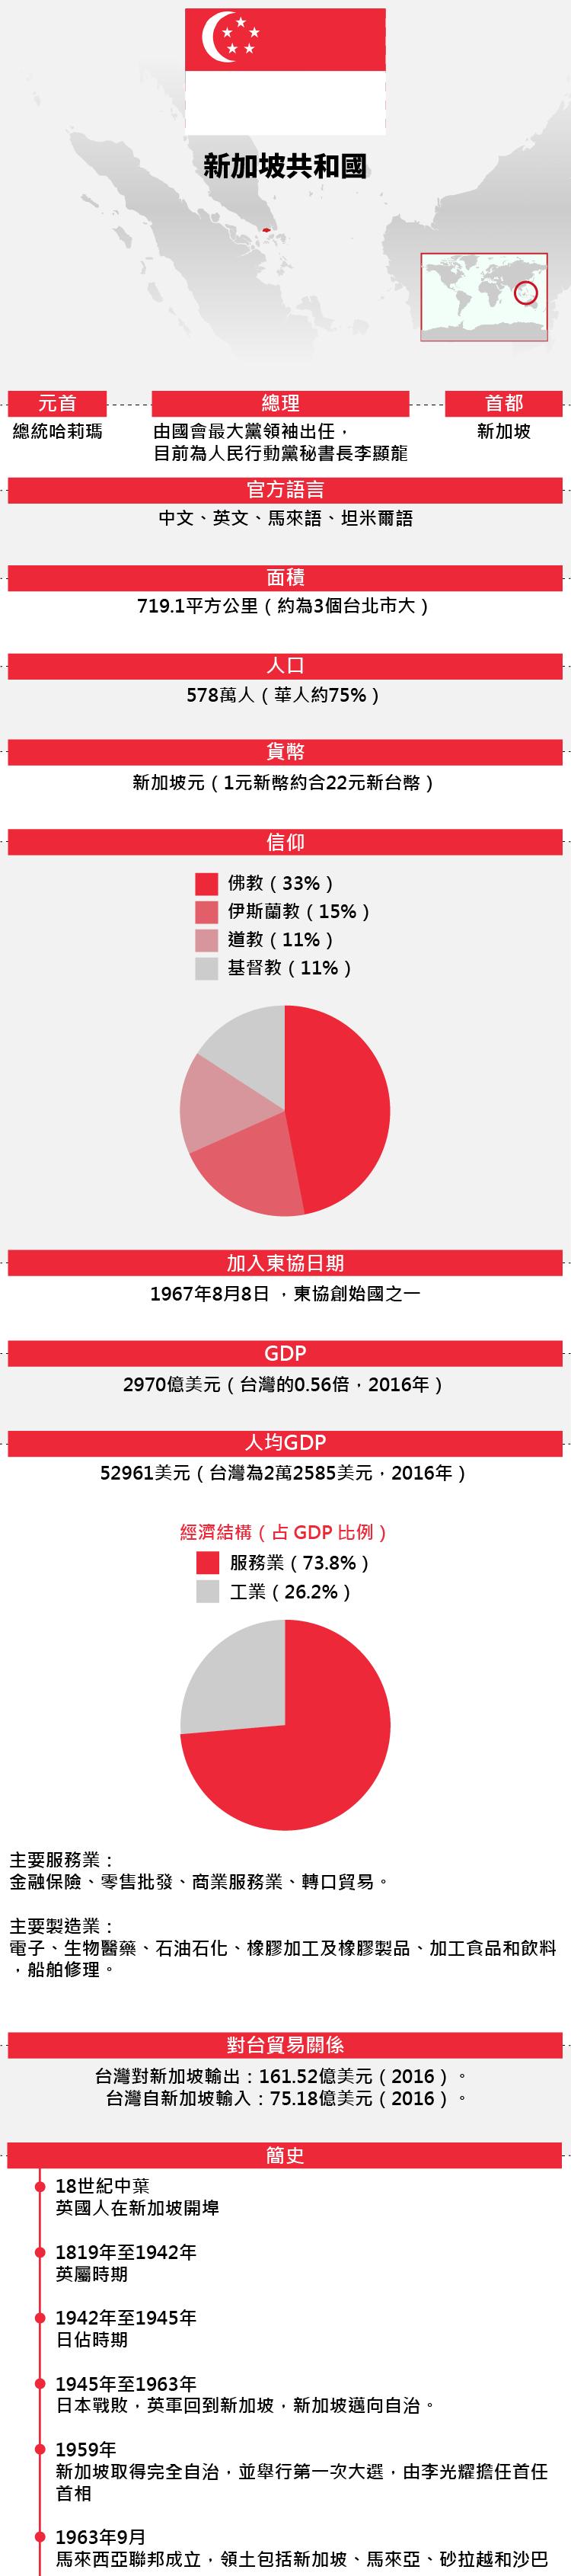 東協成員:新加坡基本資料(風傳媒)